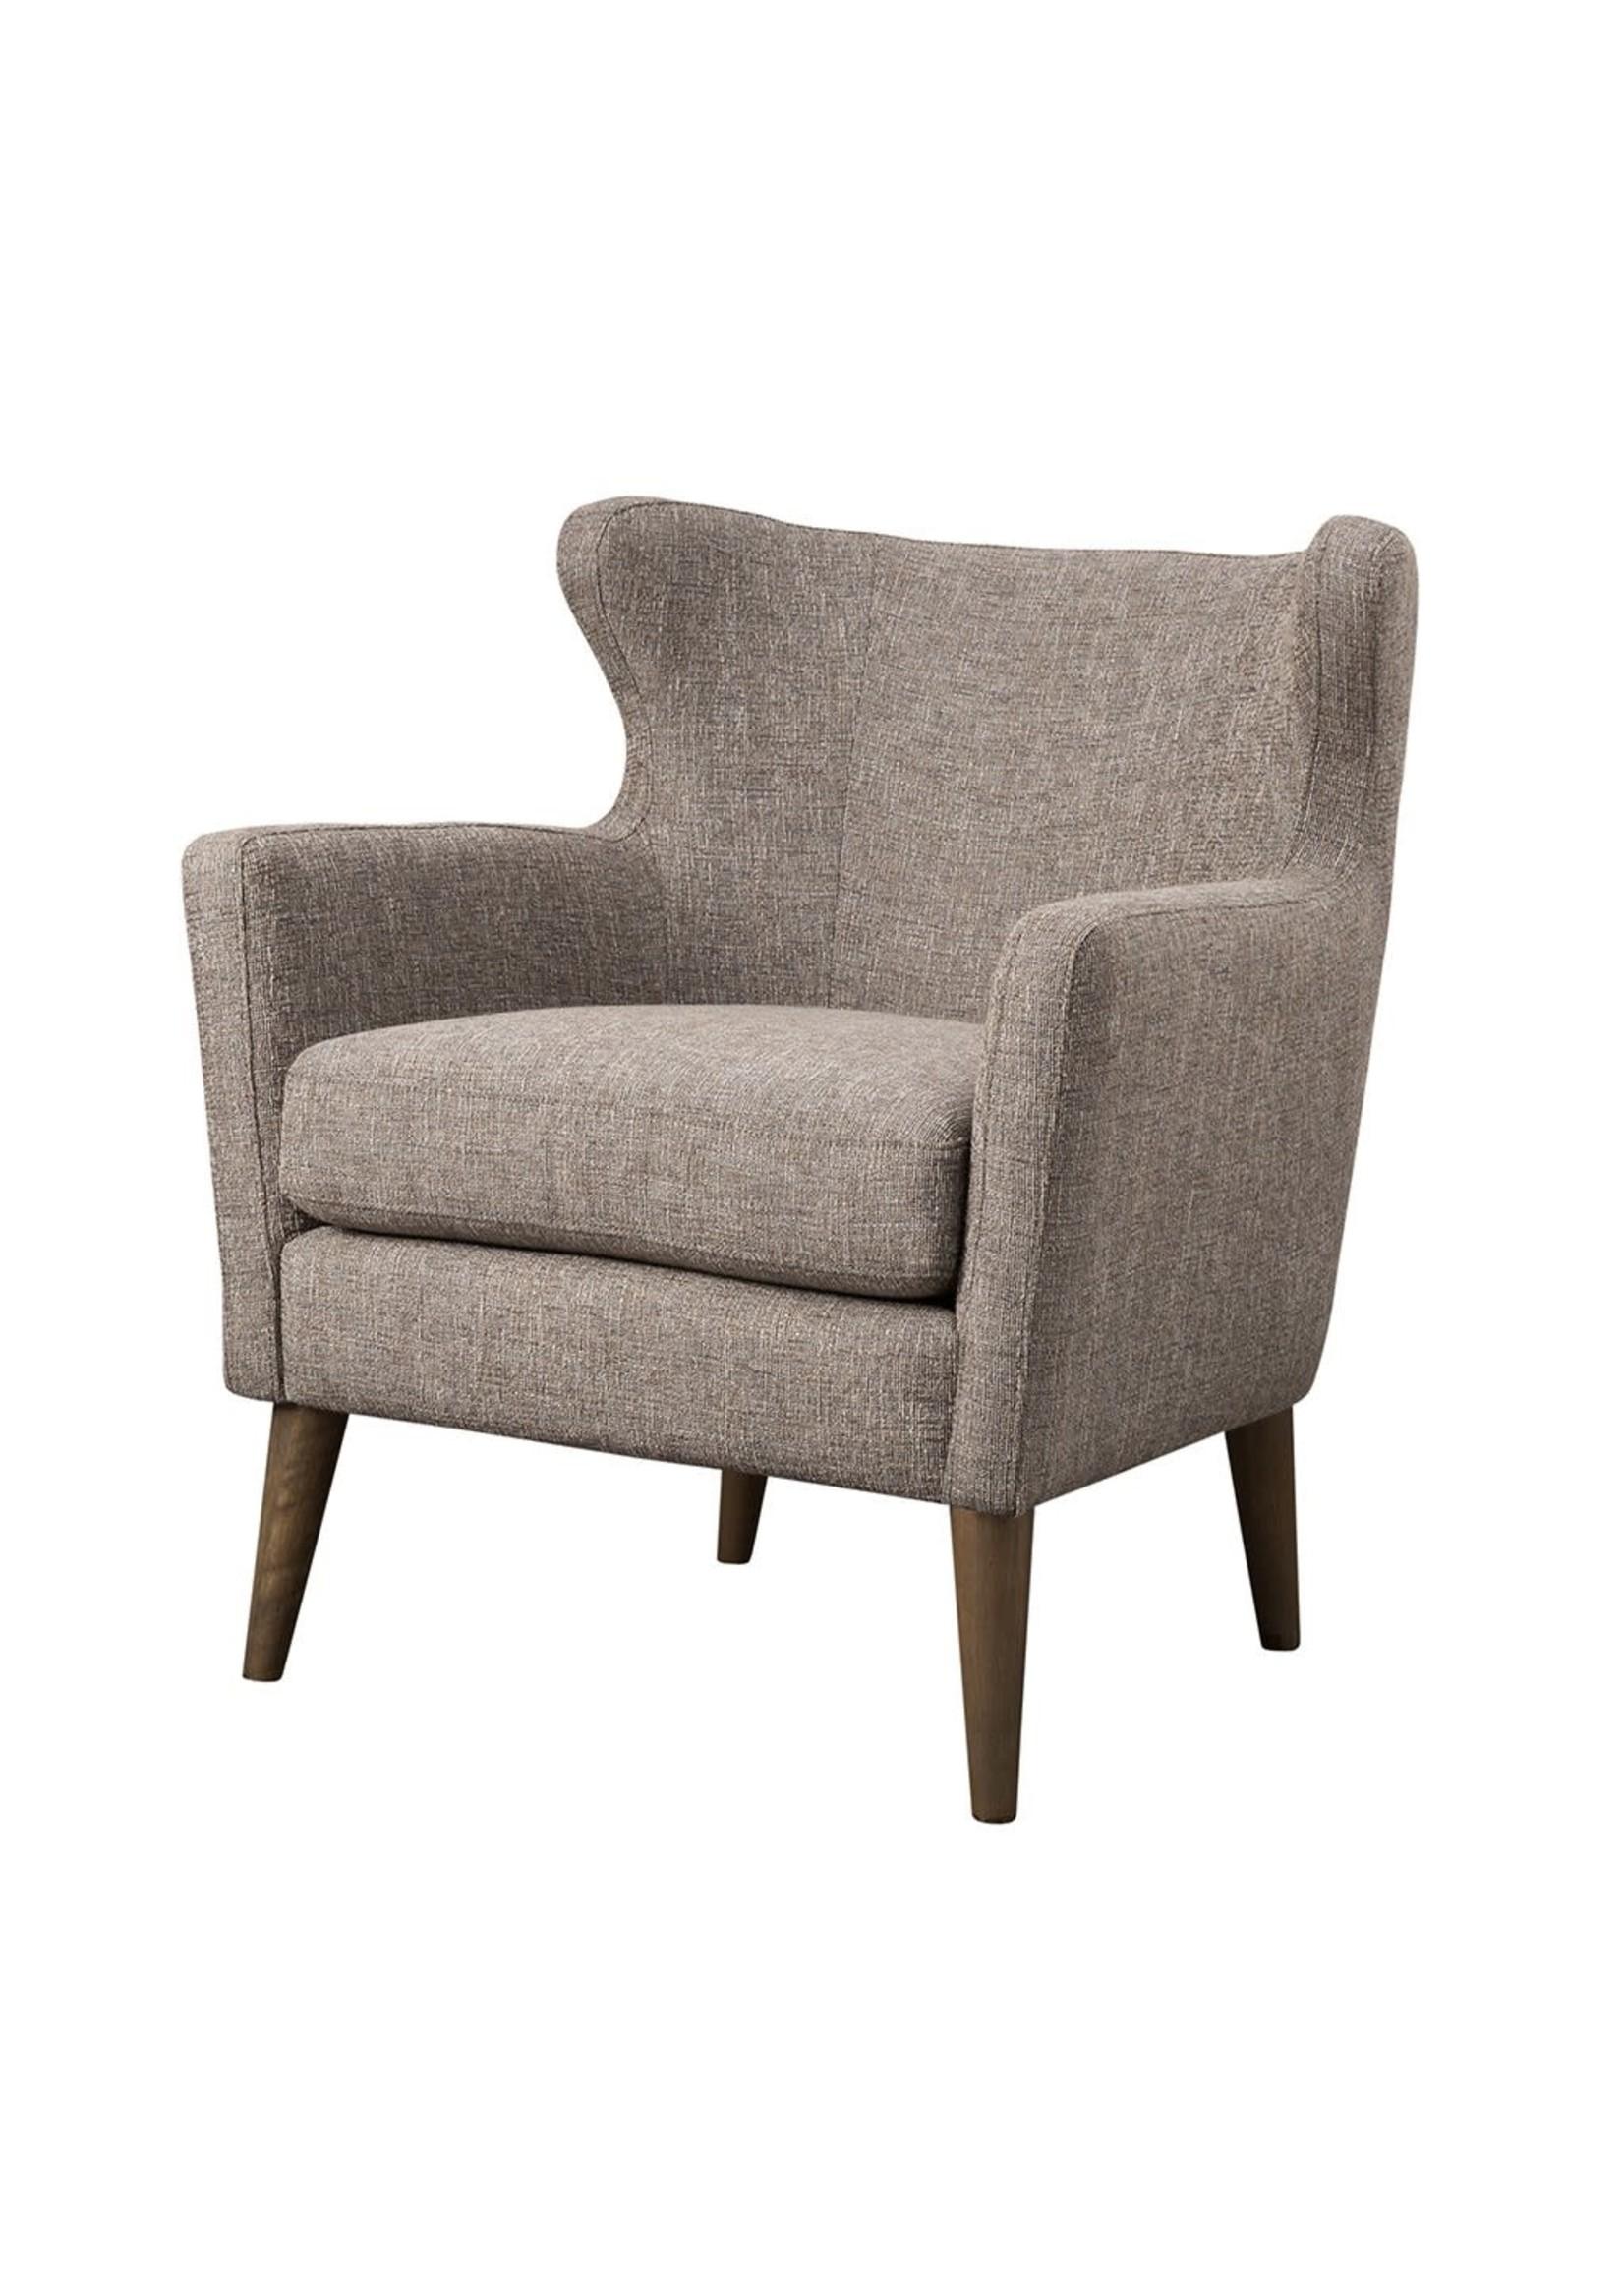 Olliix Concetta Concave Club Chair Multi